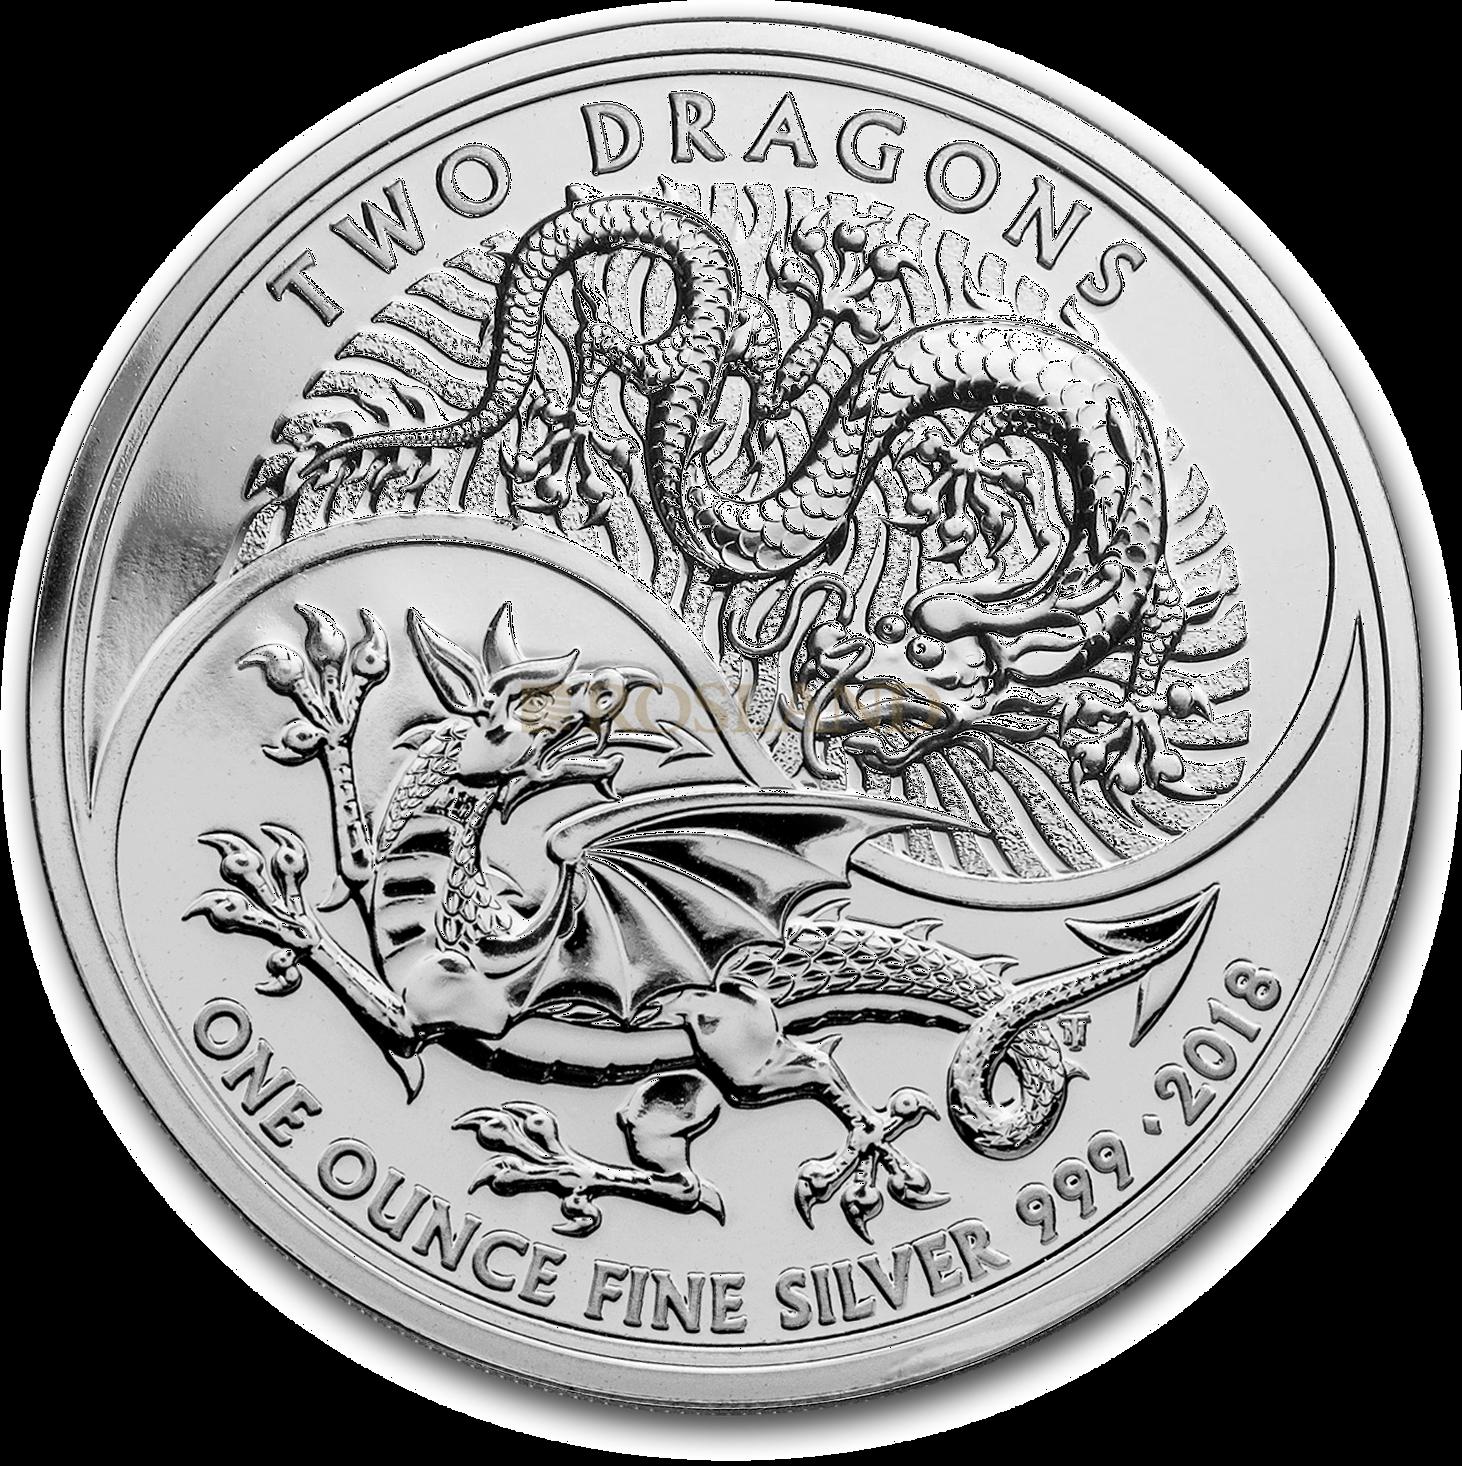 1 Unze Silbermünze Great Britain Two Dragons 2018